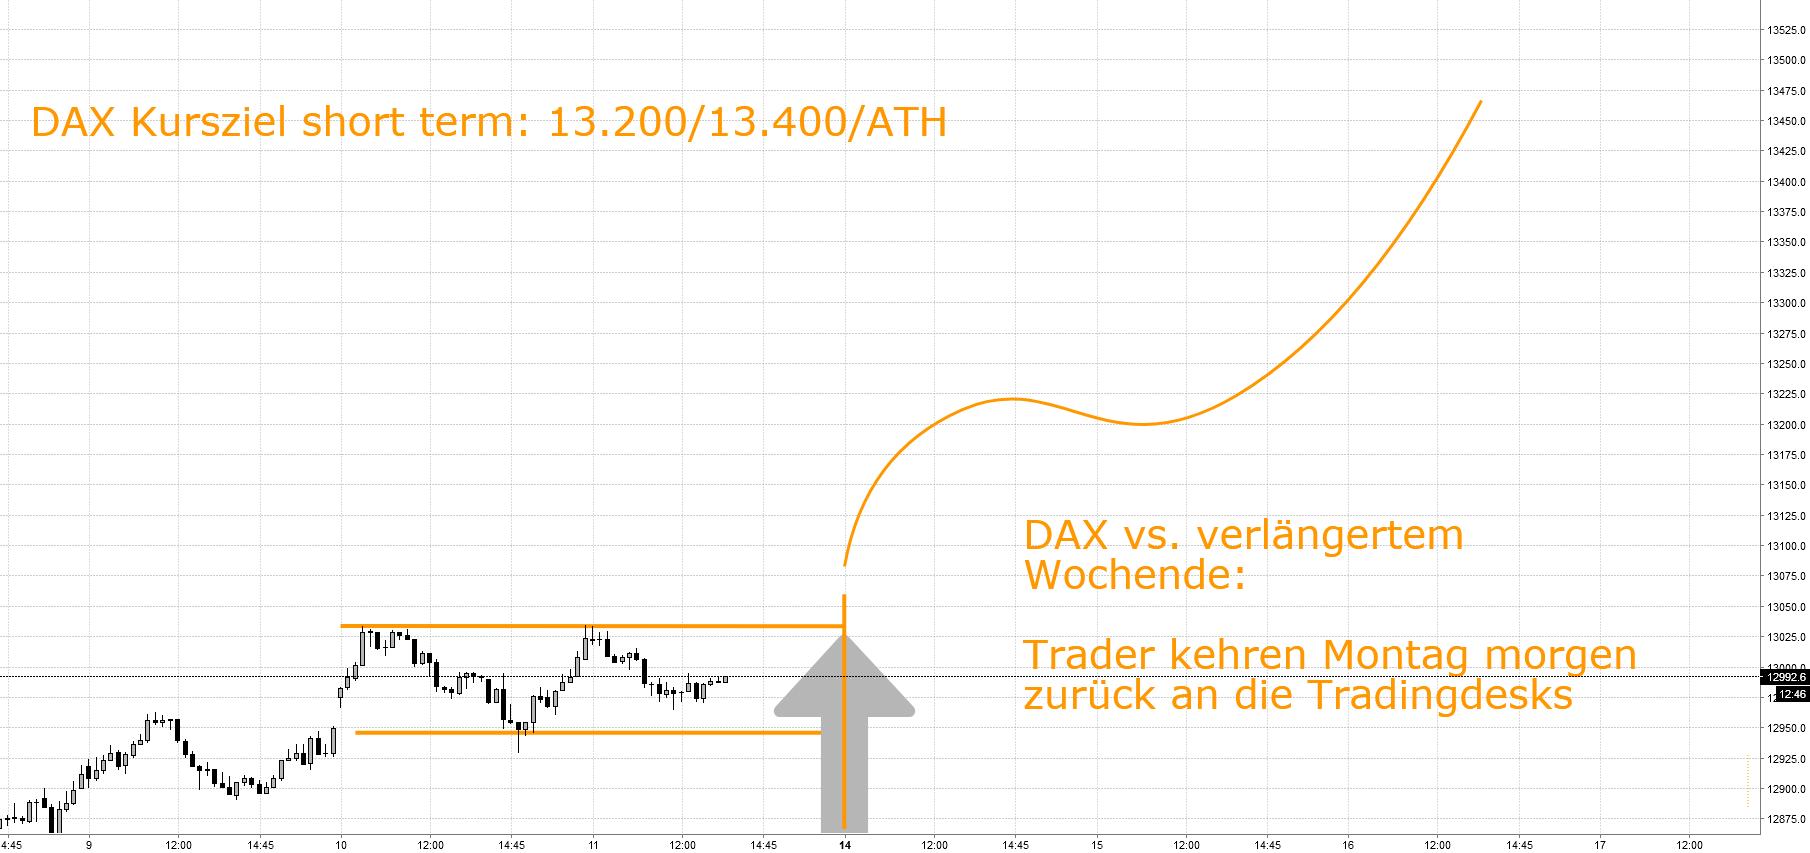 DAX Kursziele 13,2k / 13,4k / ATH